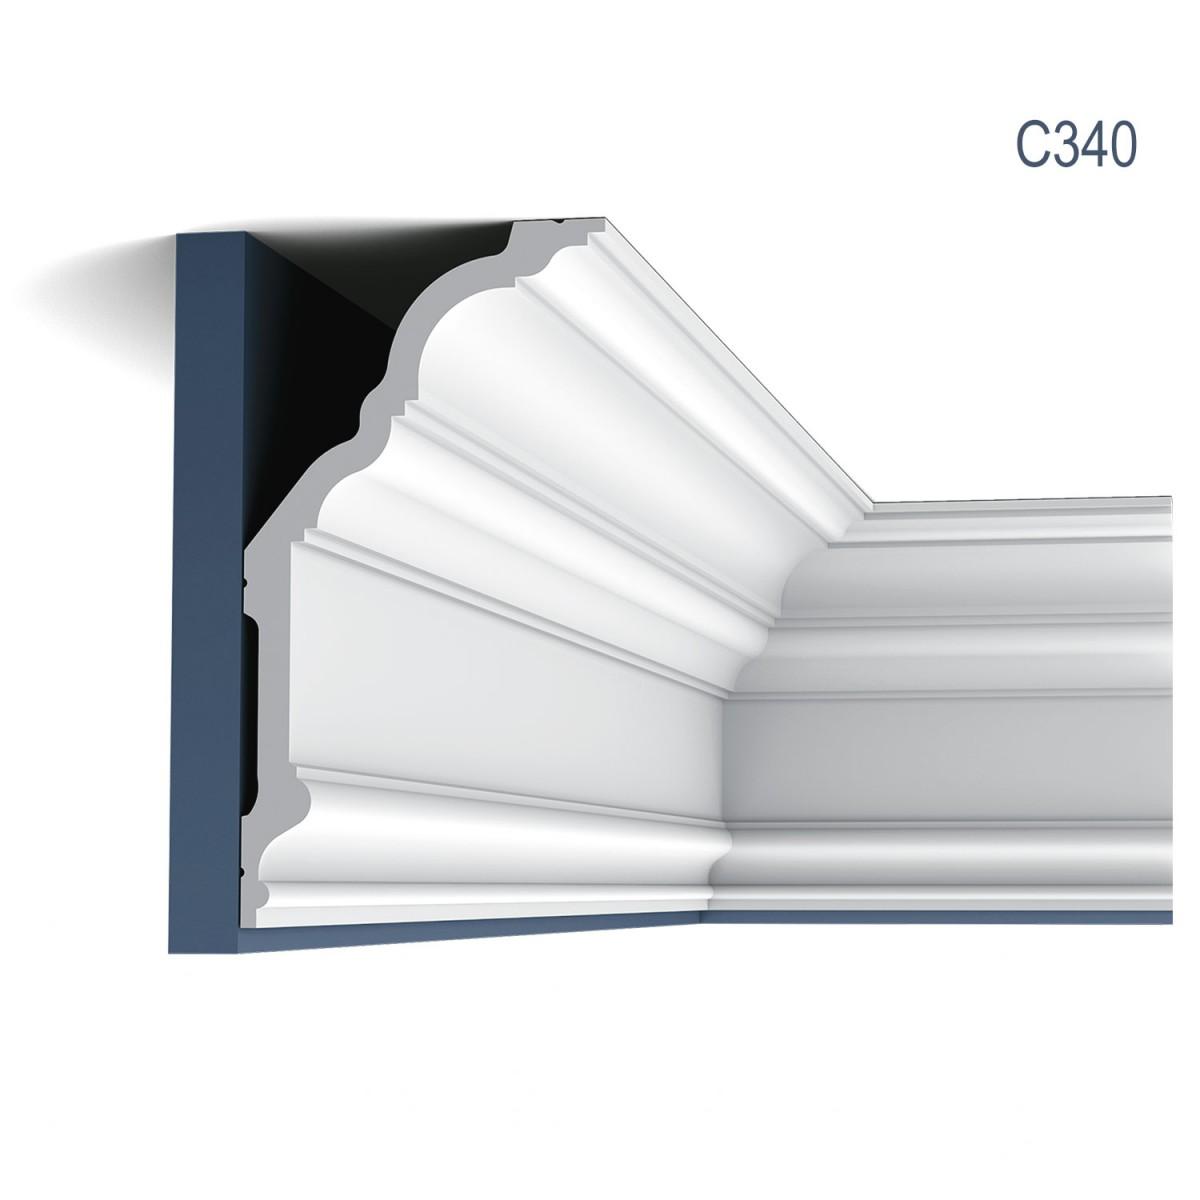 Cornisa Luxxus C340, Dimensiuni: 200 X 25.6 X 13.5 cm, Orac Decor